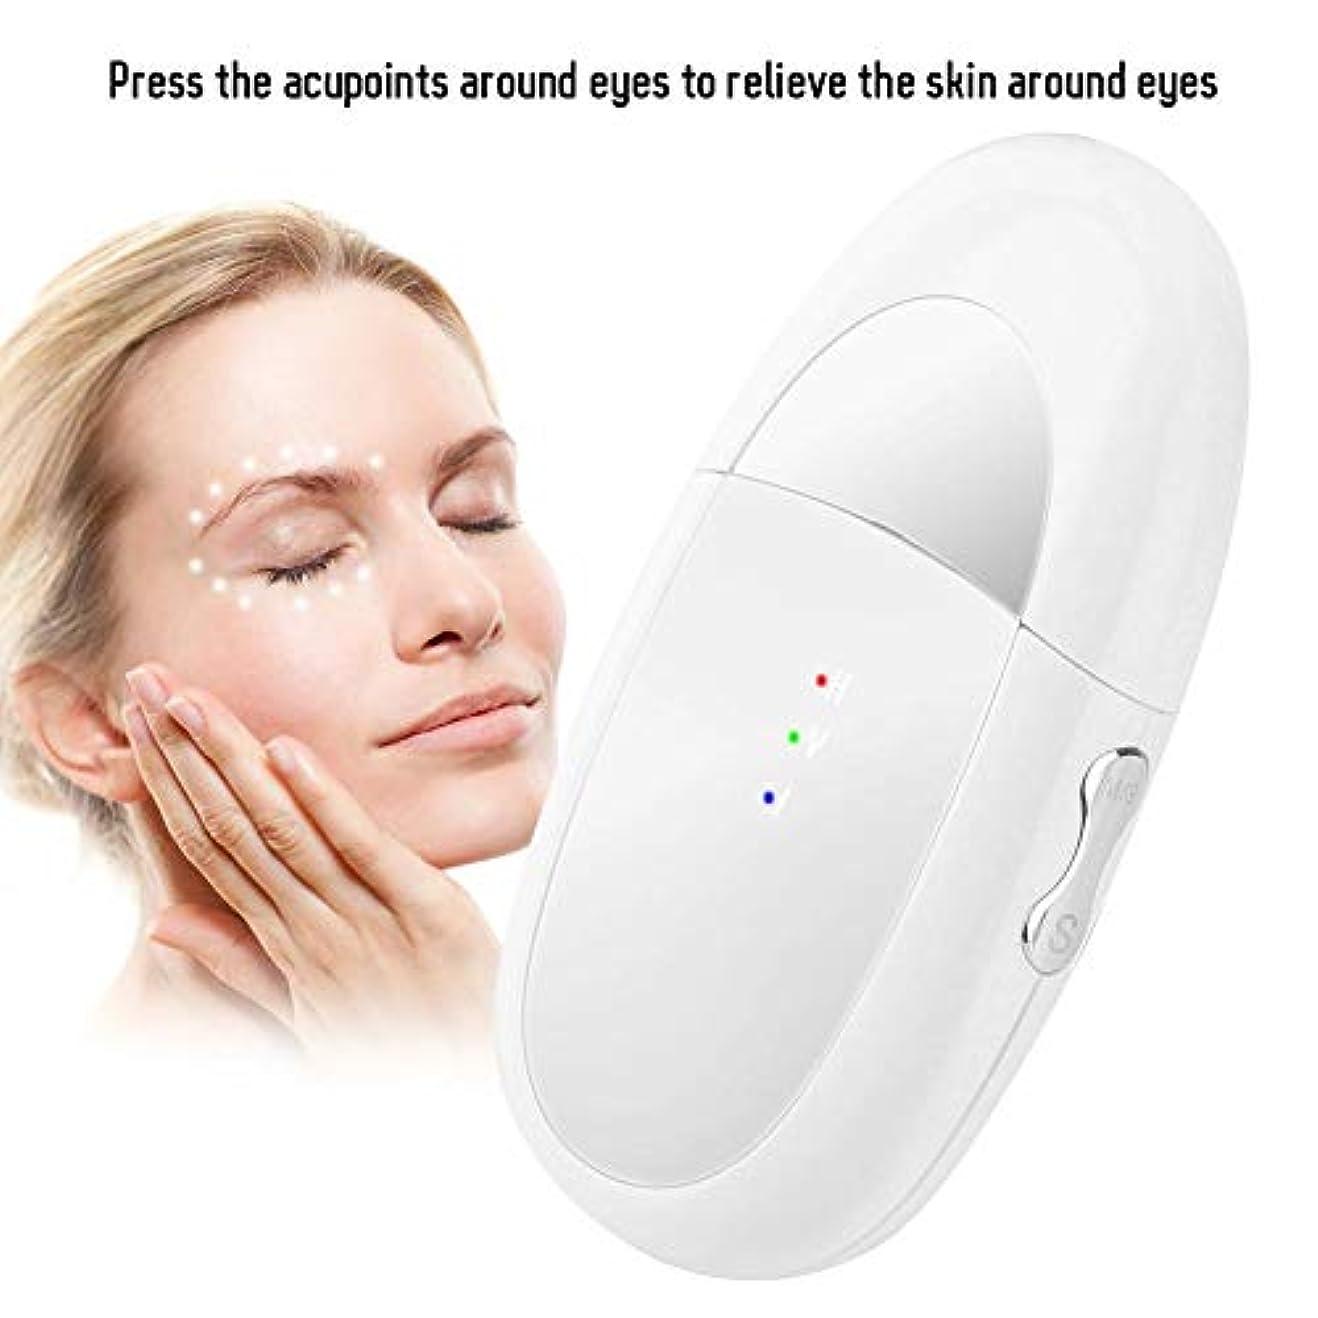 精神だます九月アイマッサージャー、2 in 1 Eye&Lipマッサージャーイオンインポートバイブレーションマッサージャーは、ダークサークルとむくみを緩和しますEyes&Lips Care Device